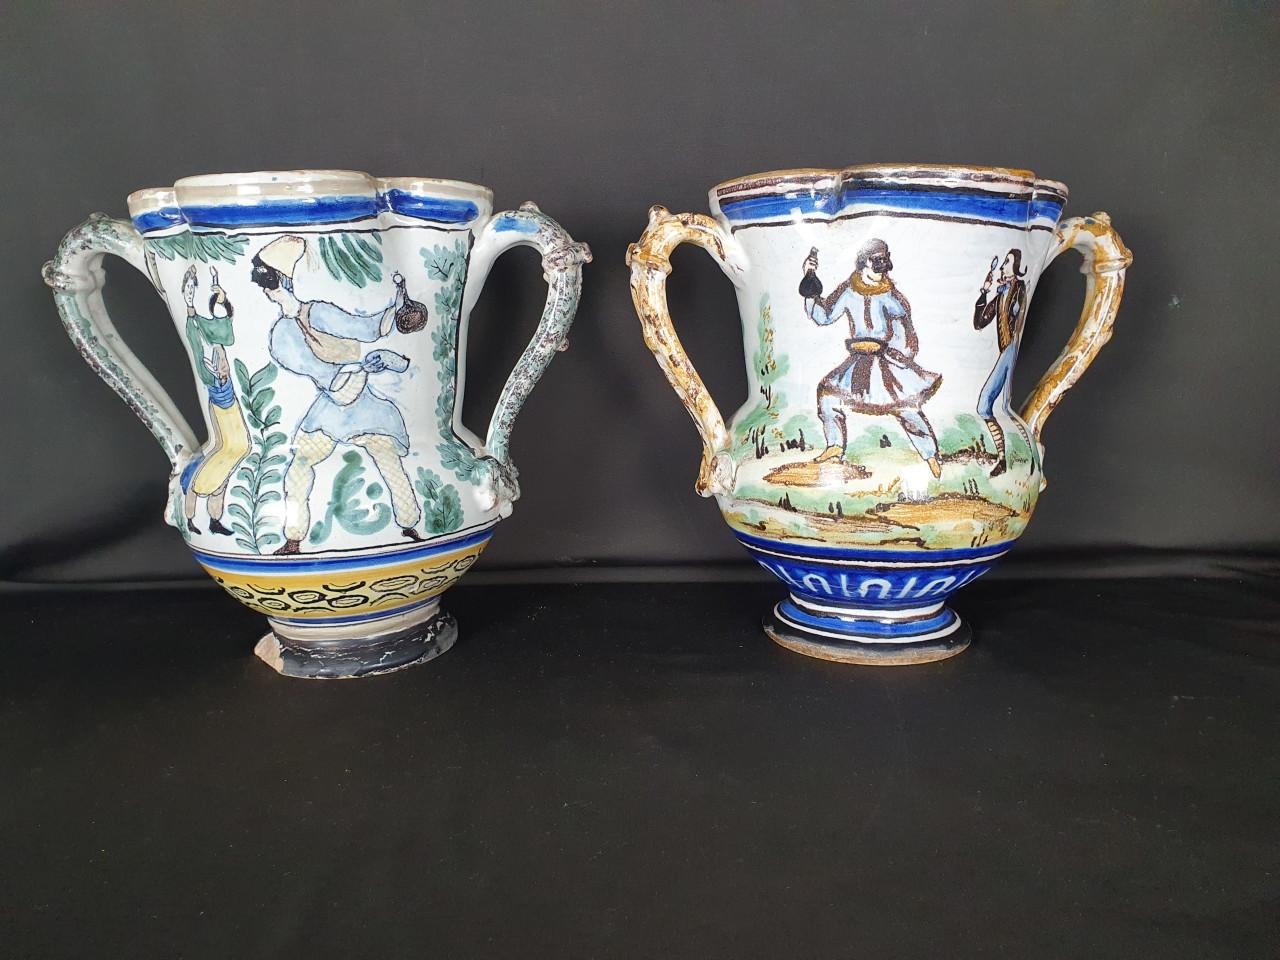 coppia-di-brocche-in-maiolica napoletani del 800 - Antichità Ioviero